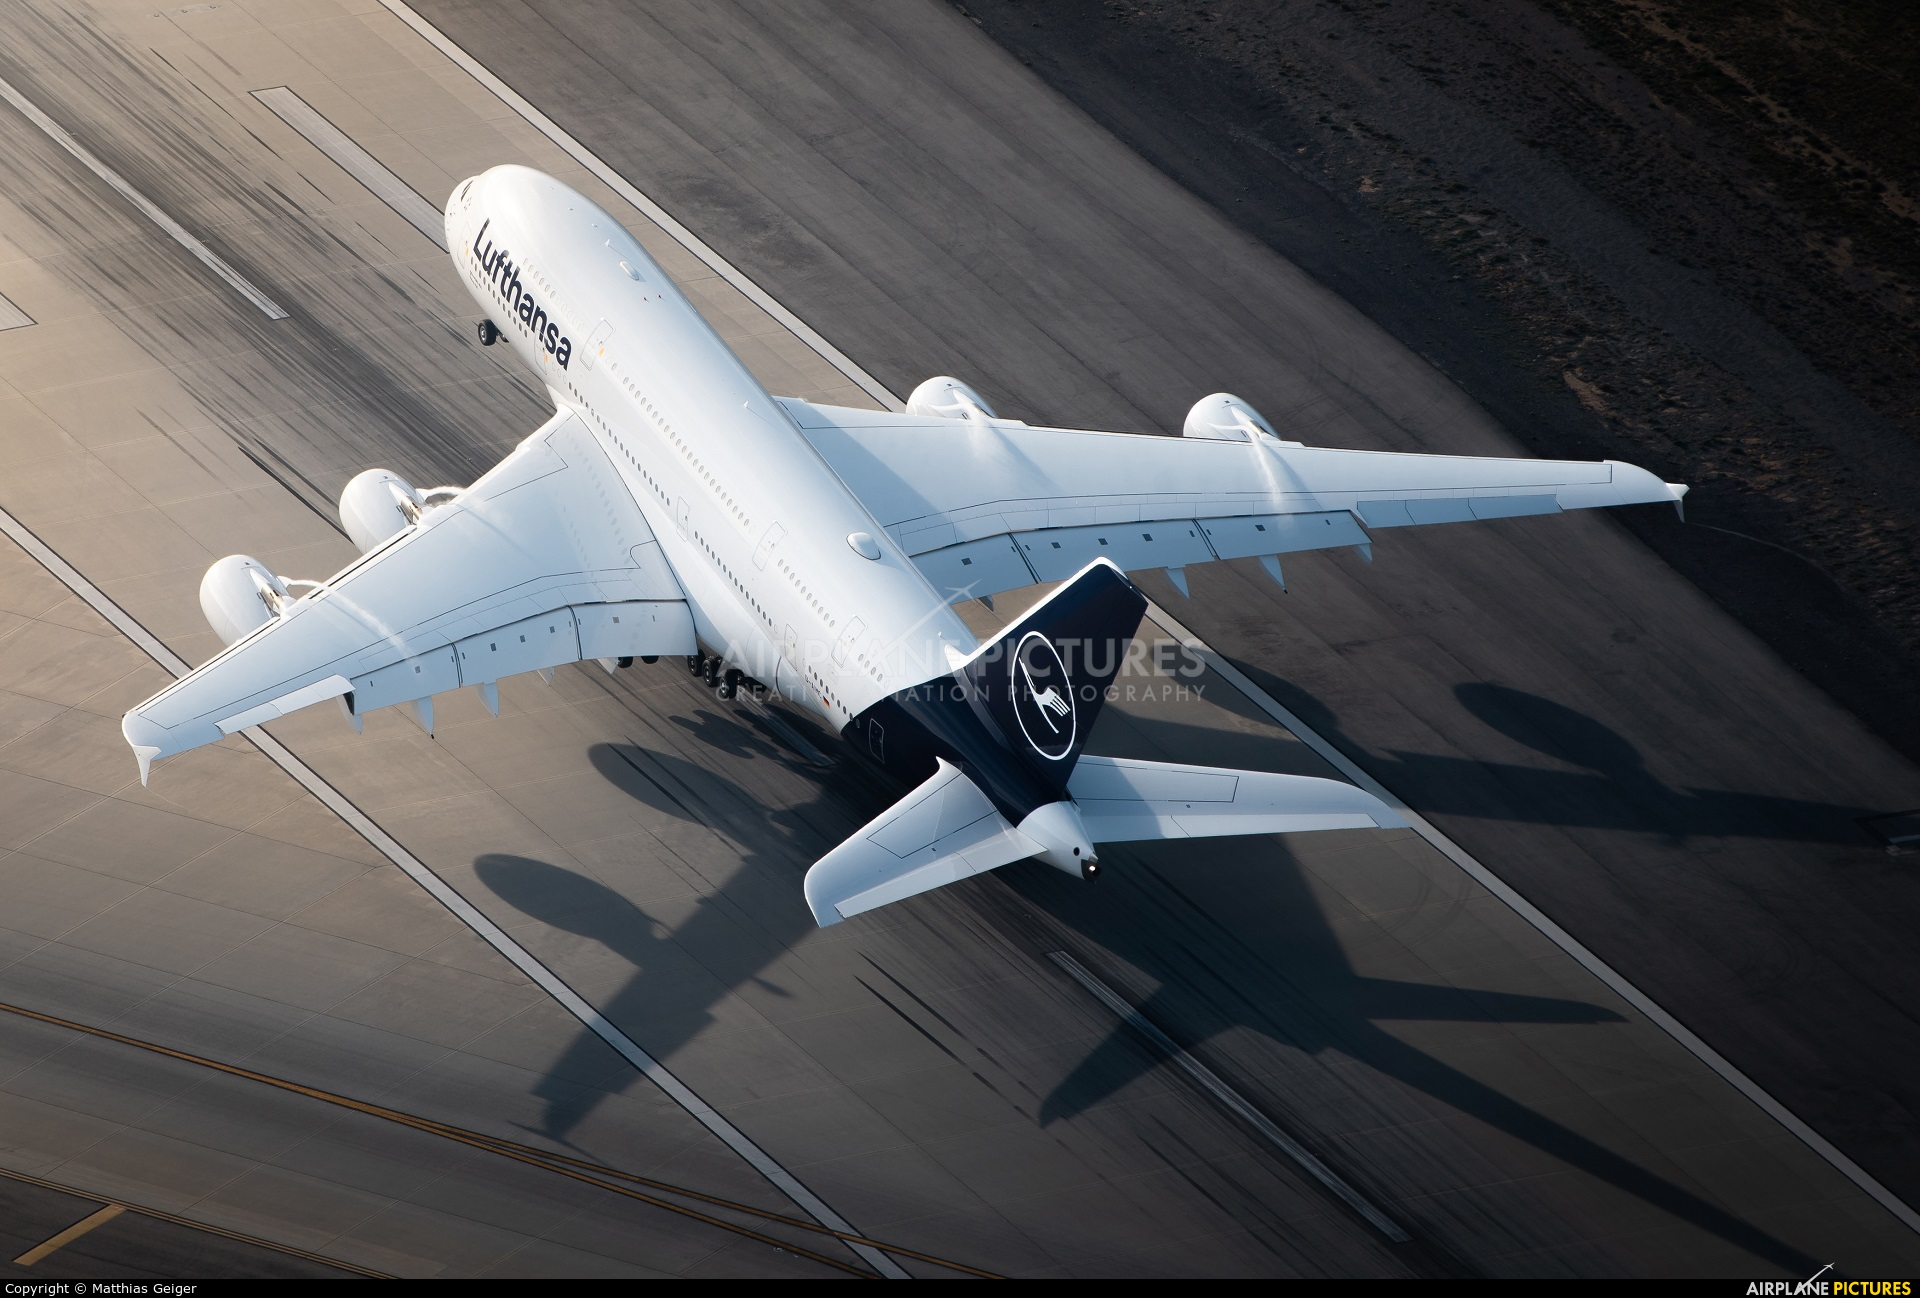 Lufthansa D-AIMC aircraft at Los Angeles Intl